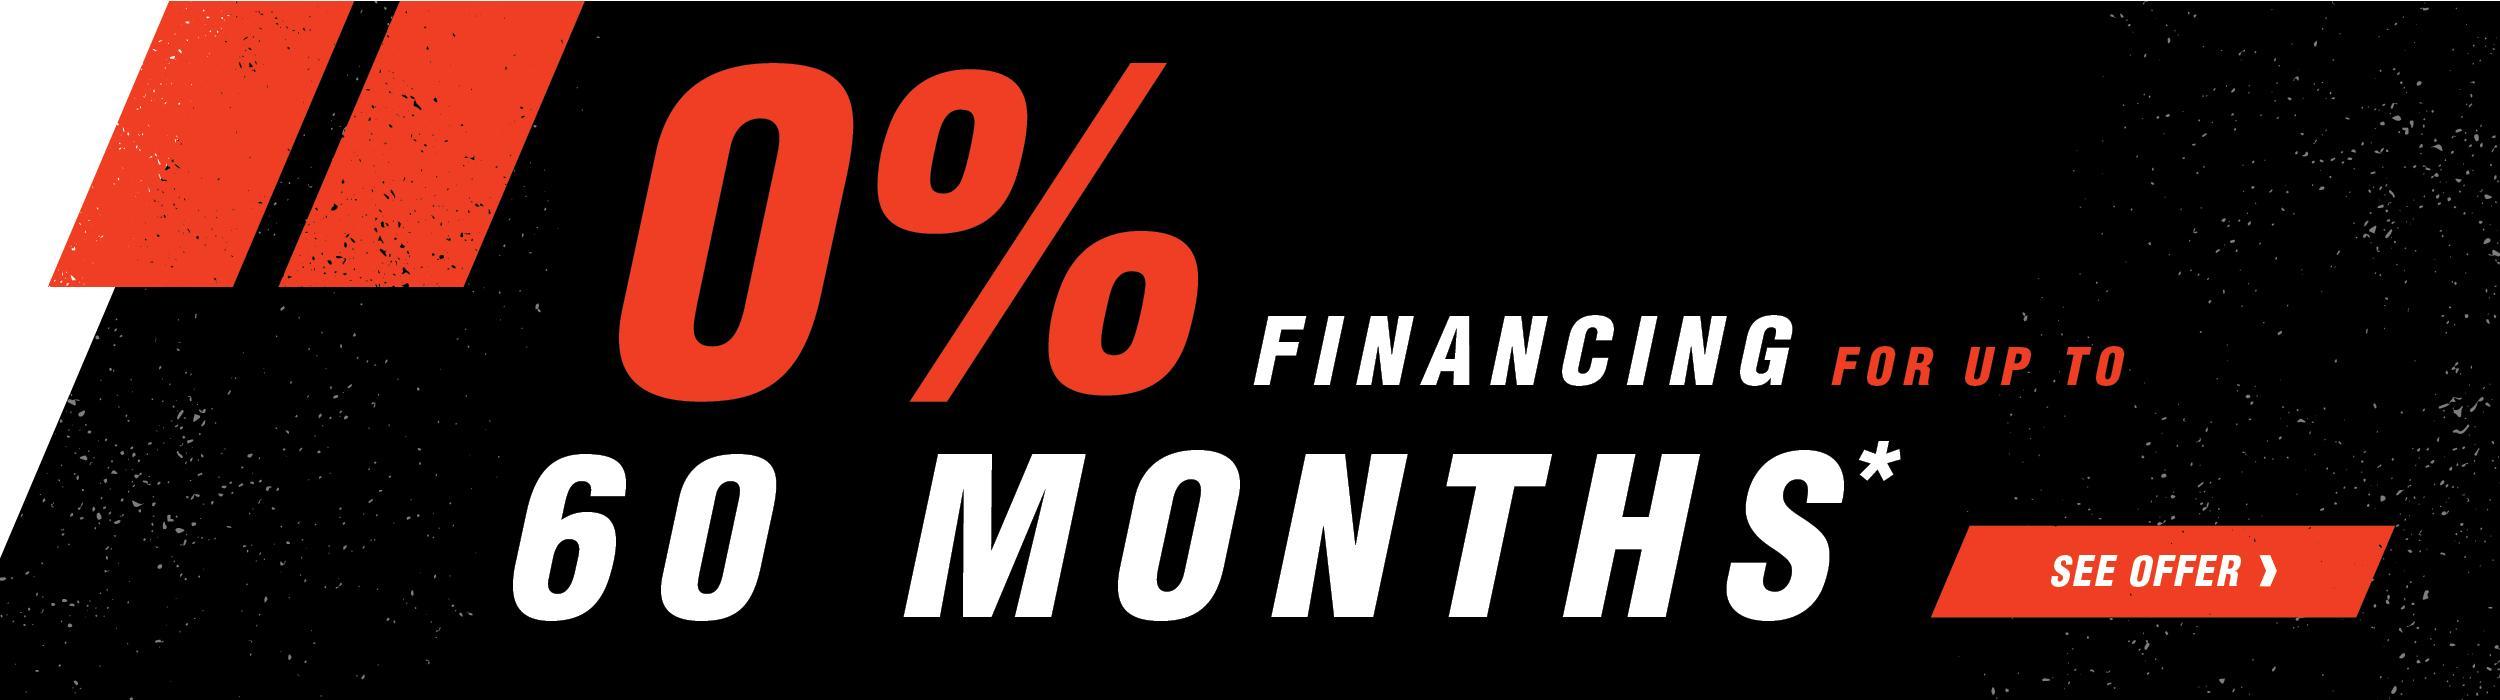 Bobcat Financing Sales Promotional Image